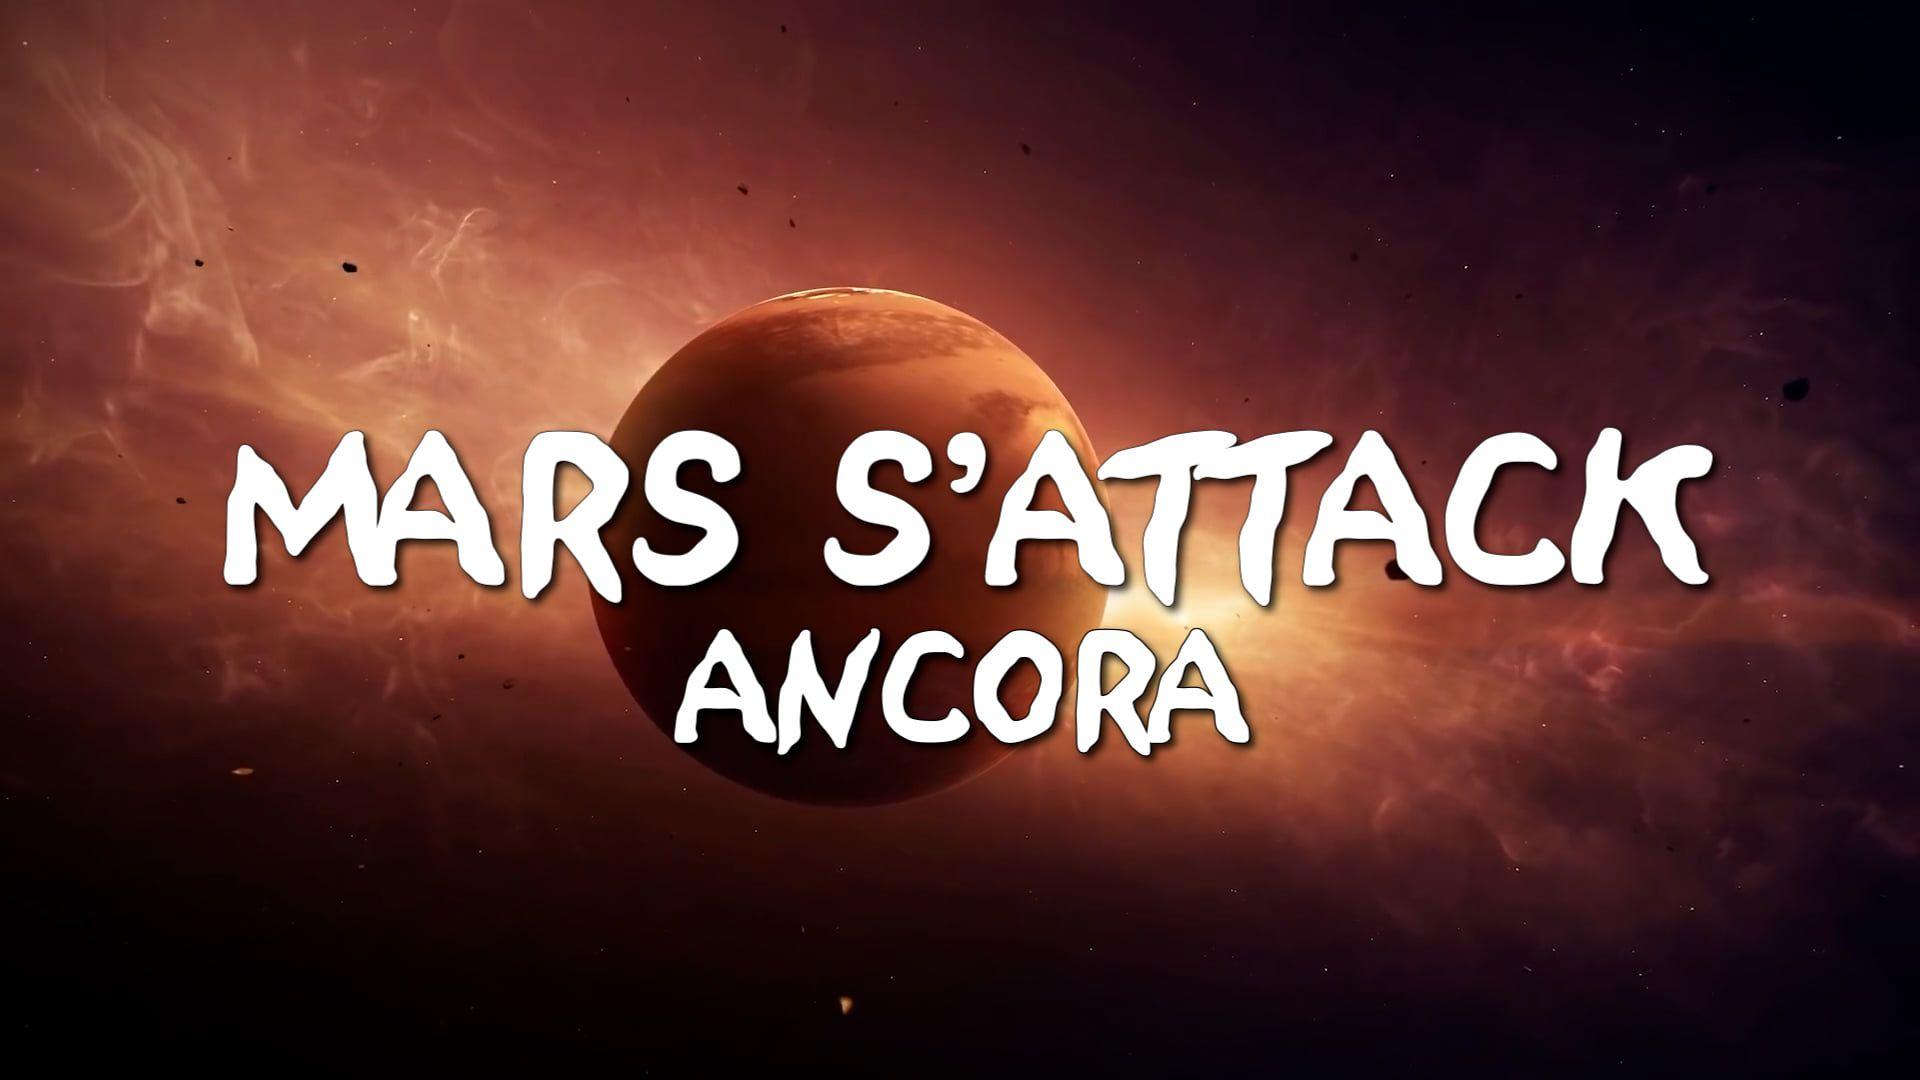 Mars s`attack ancora!